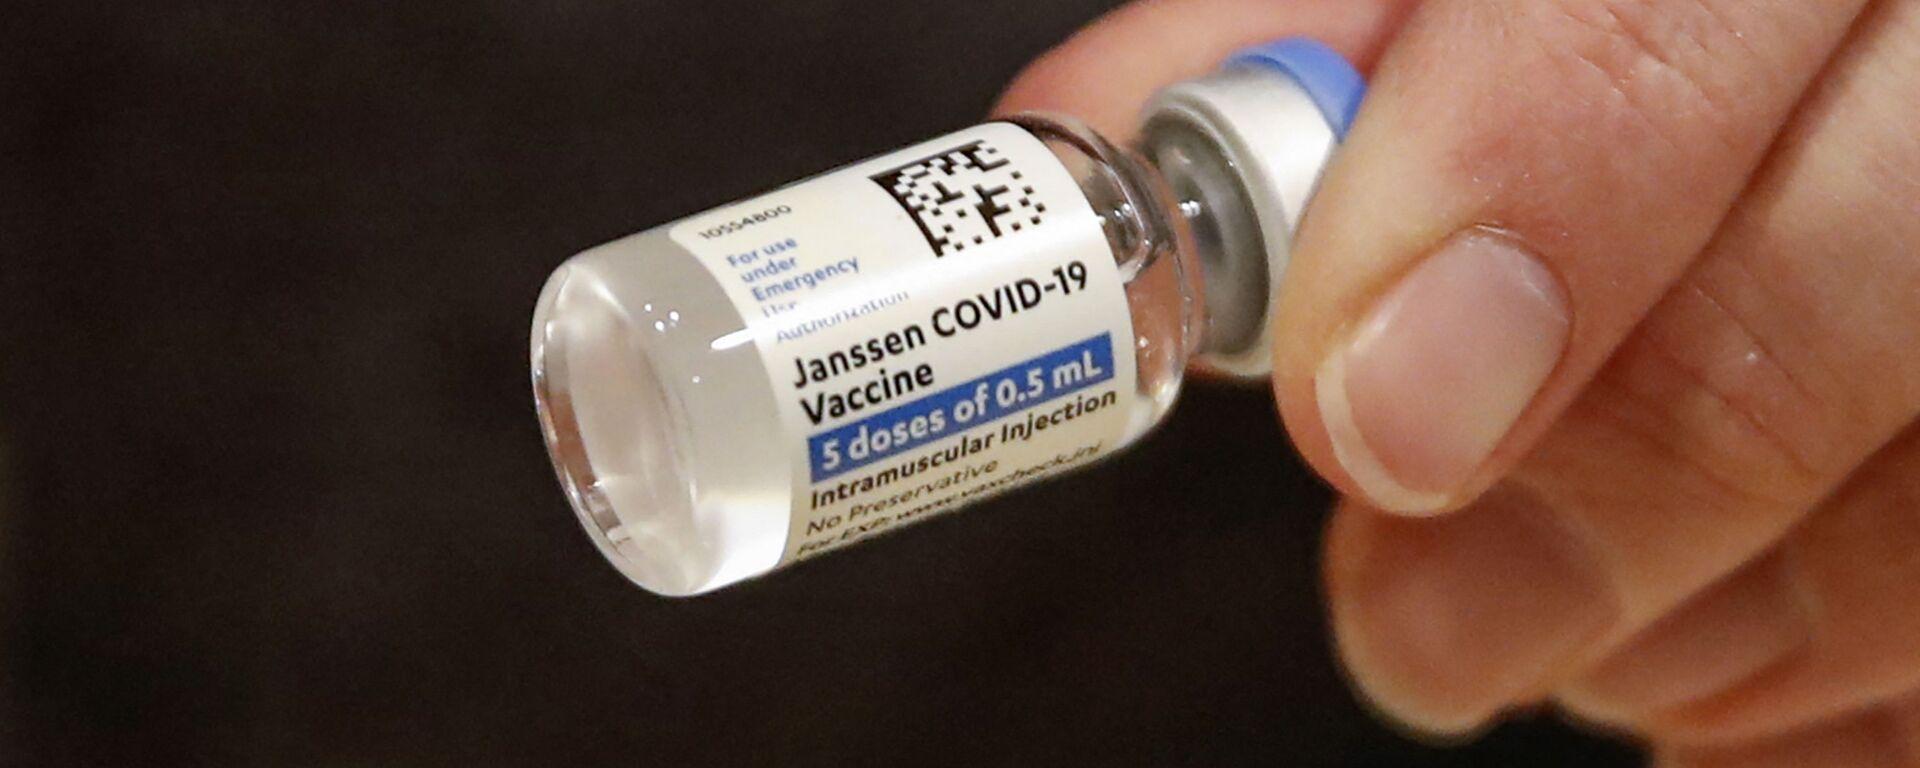 Vaccino anti-Covid Johnson& Johnson - Sputnik Italia, 1920, 04.08.2021